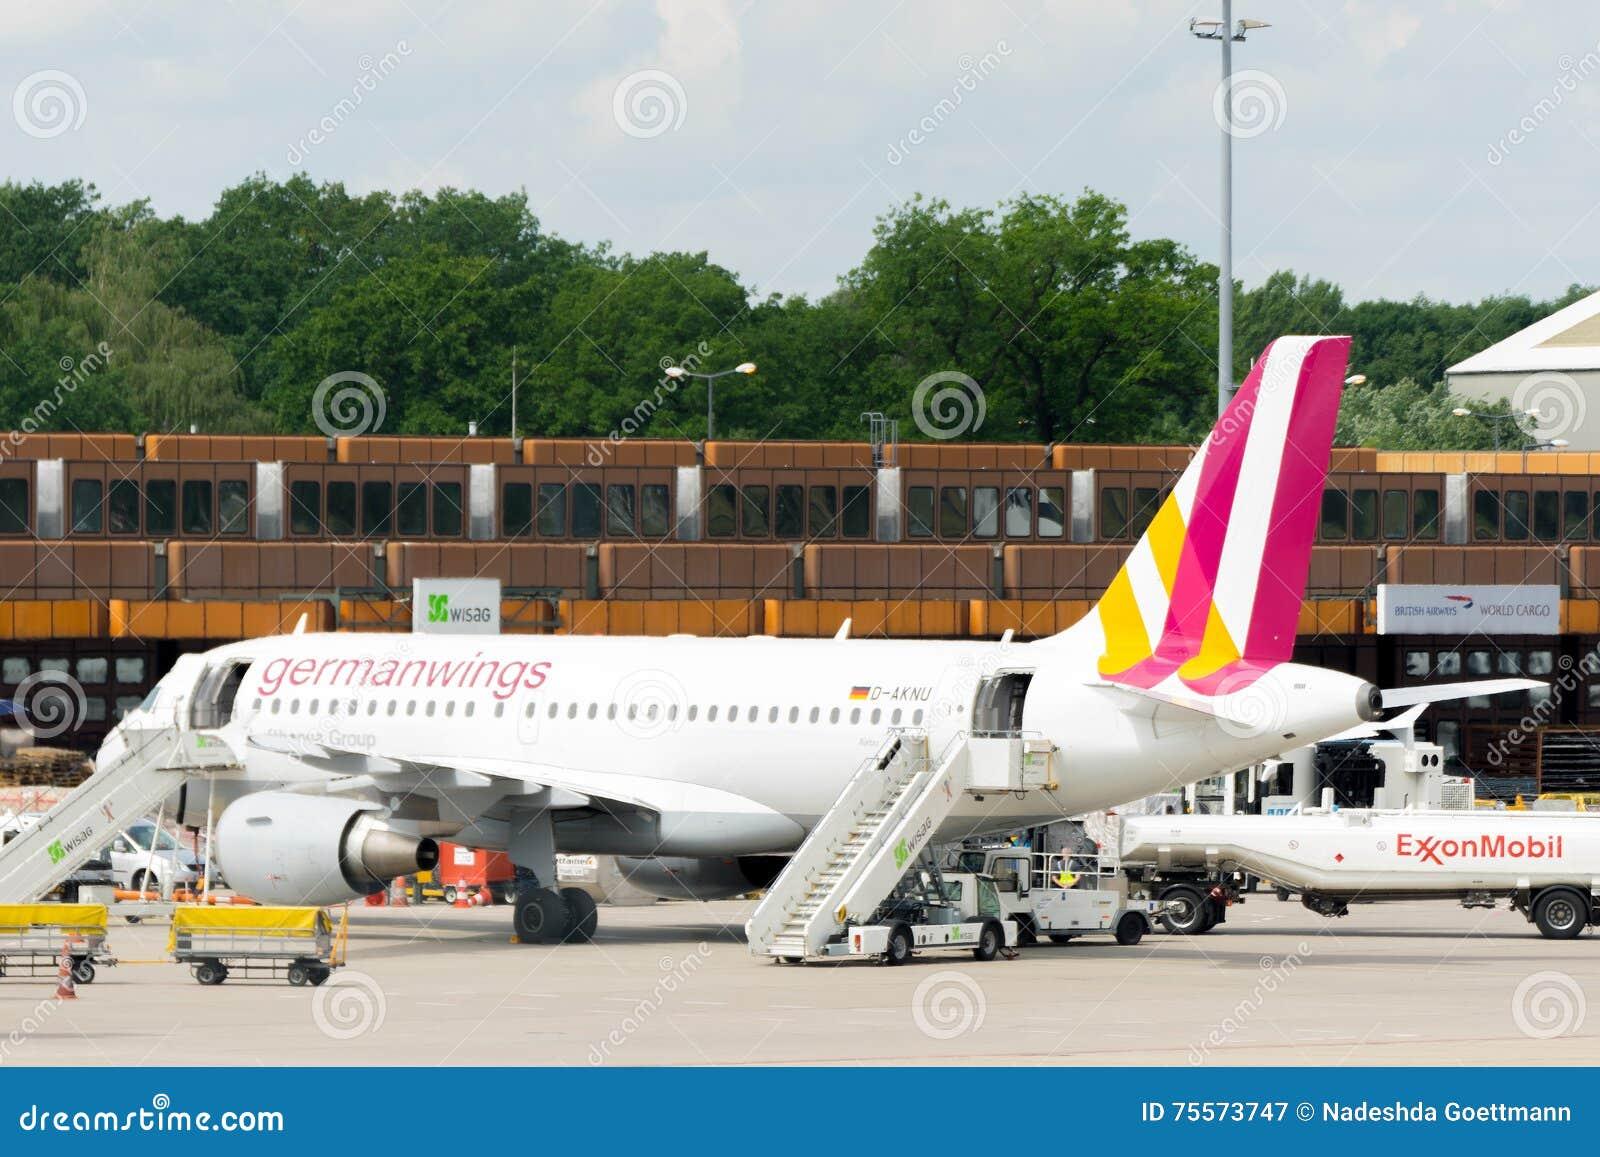 BERLIN, DEUTSCHLAND - 22. JUNI 2016: Eurowings, Germanwings-Flugzeug